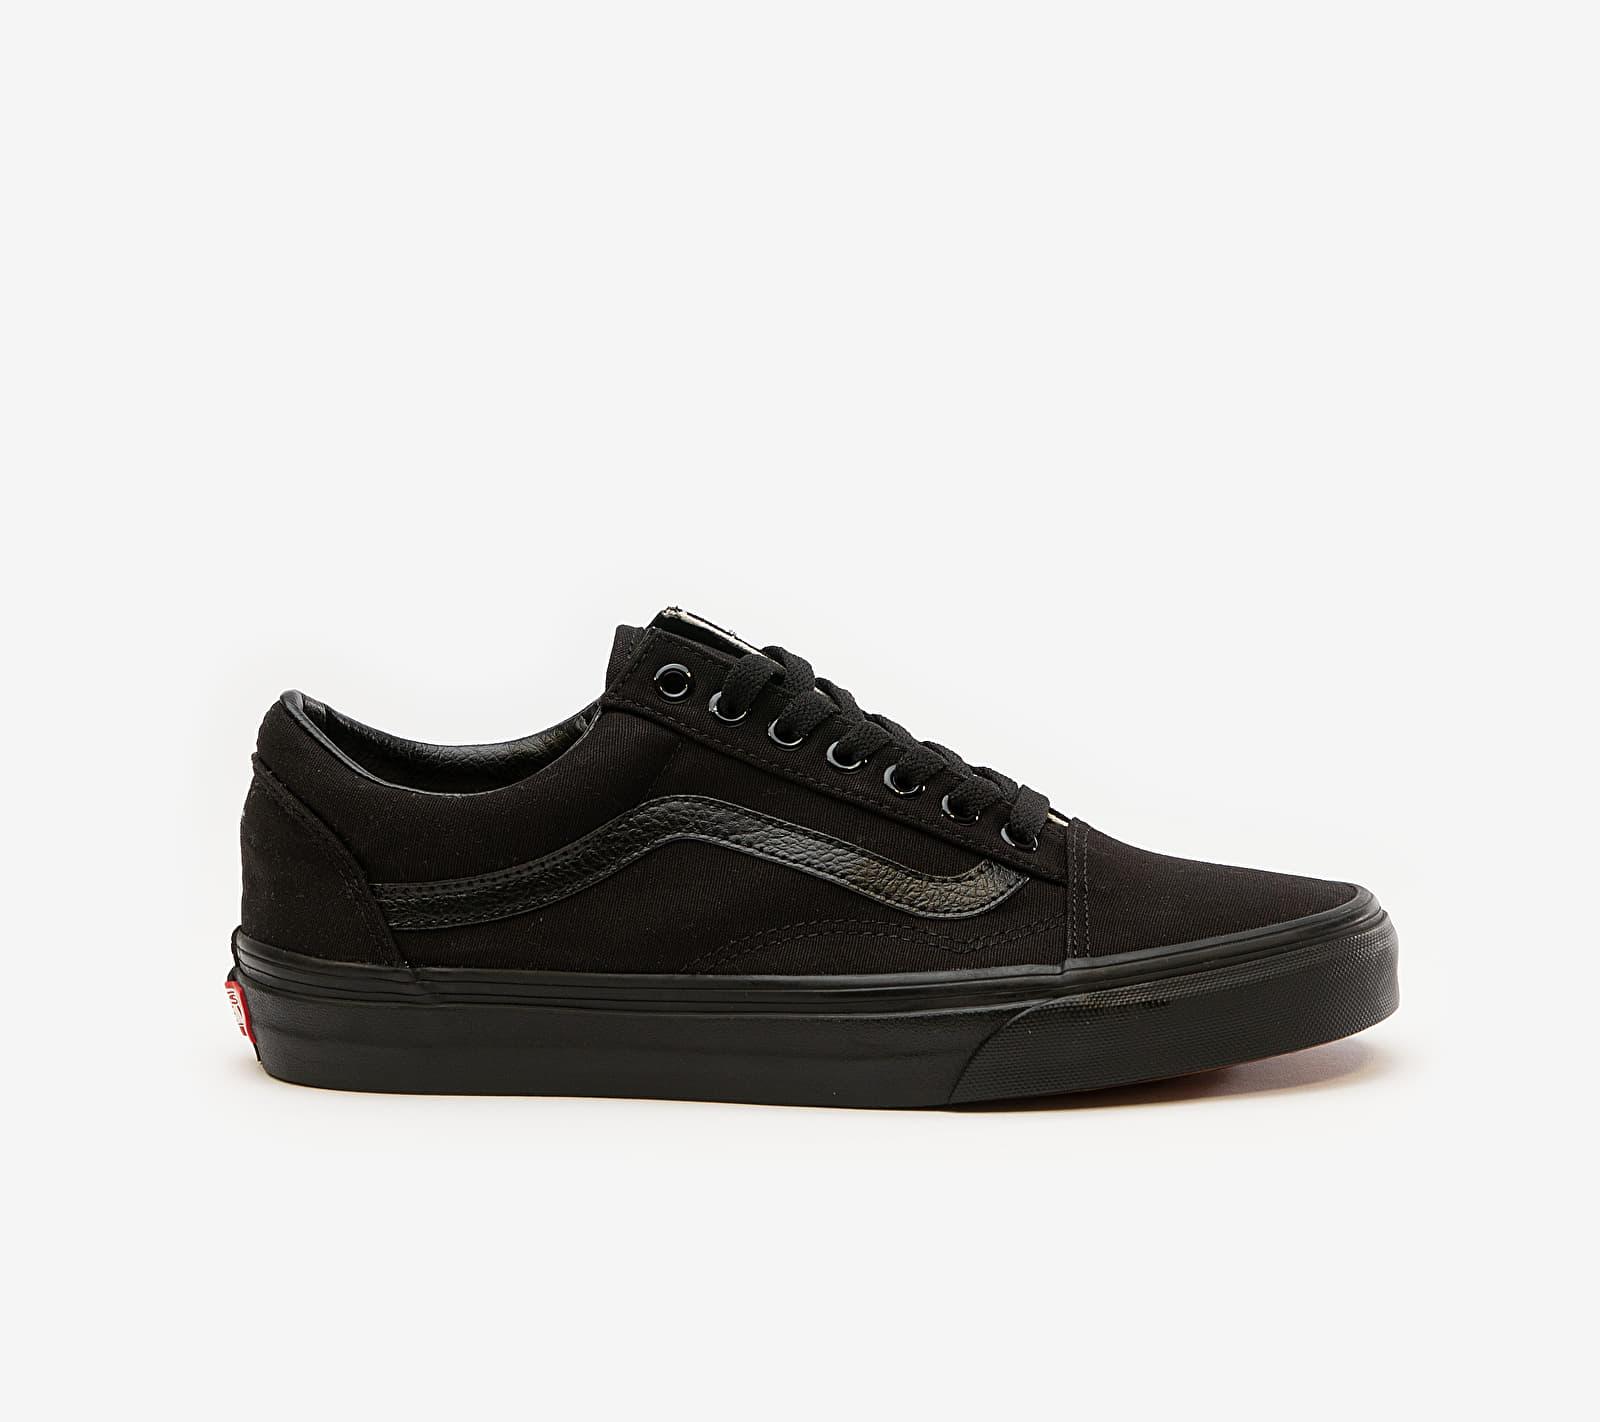 Vans Old Skool Black/ Black EUR 47